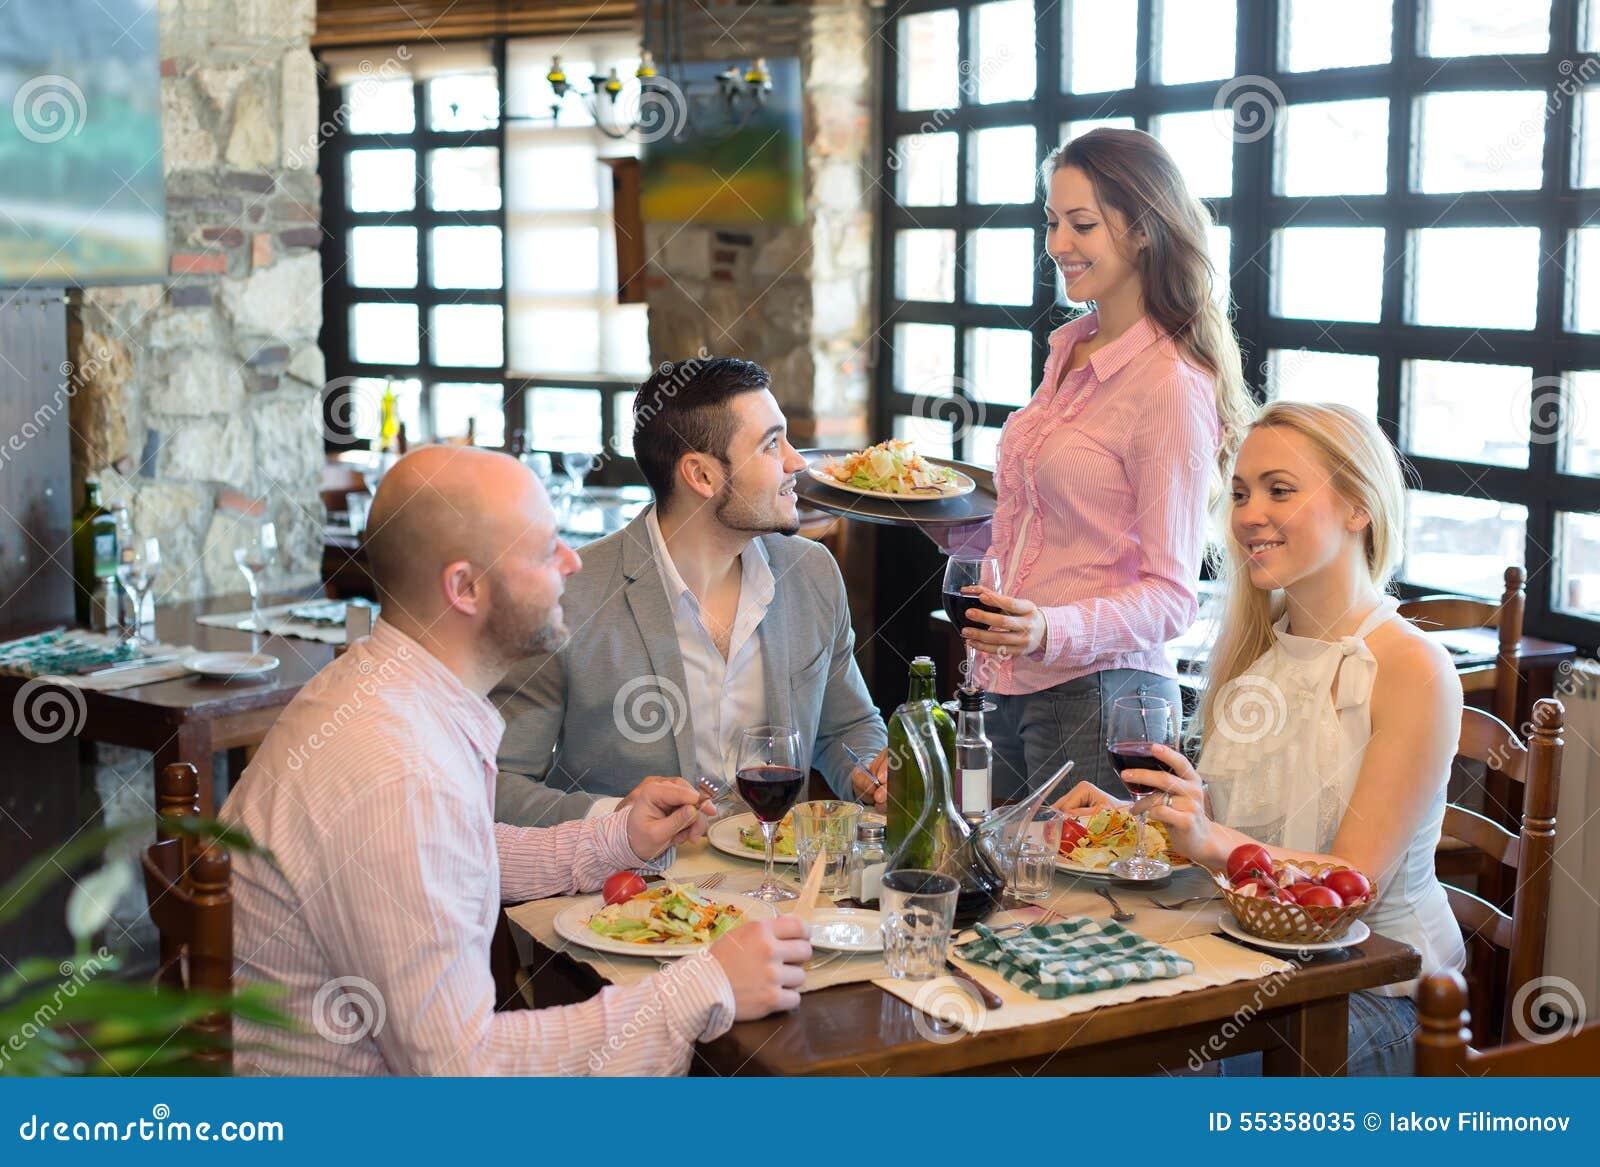 erwachsene die heraus im restaurant essen stockbild bild von frau erwachsene 55358035. Black Bedroom Furniture Sets. Home Design Ideas